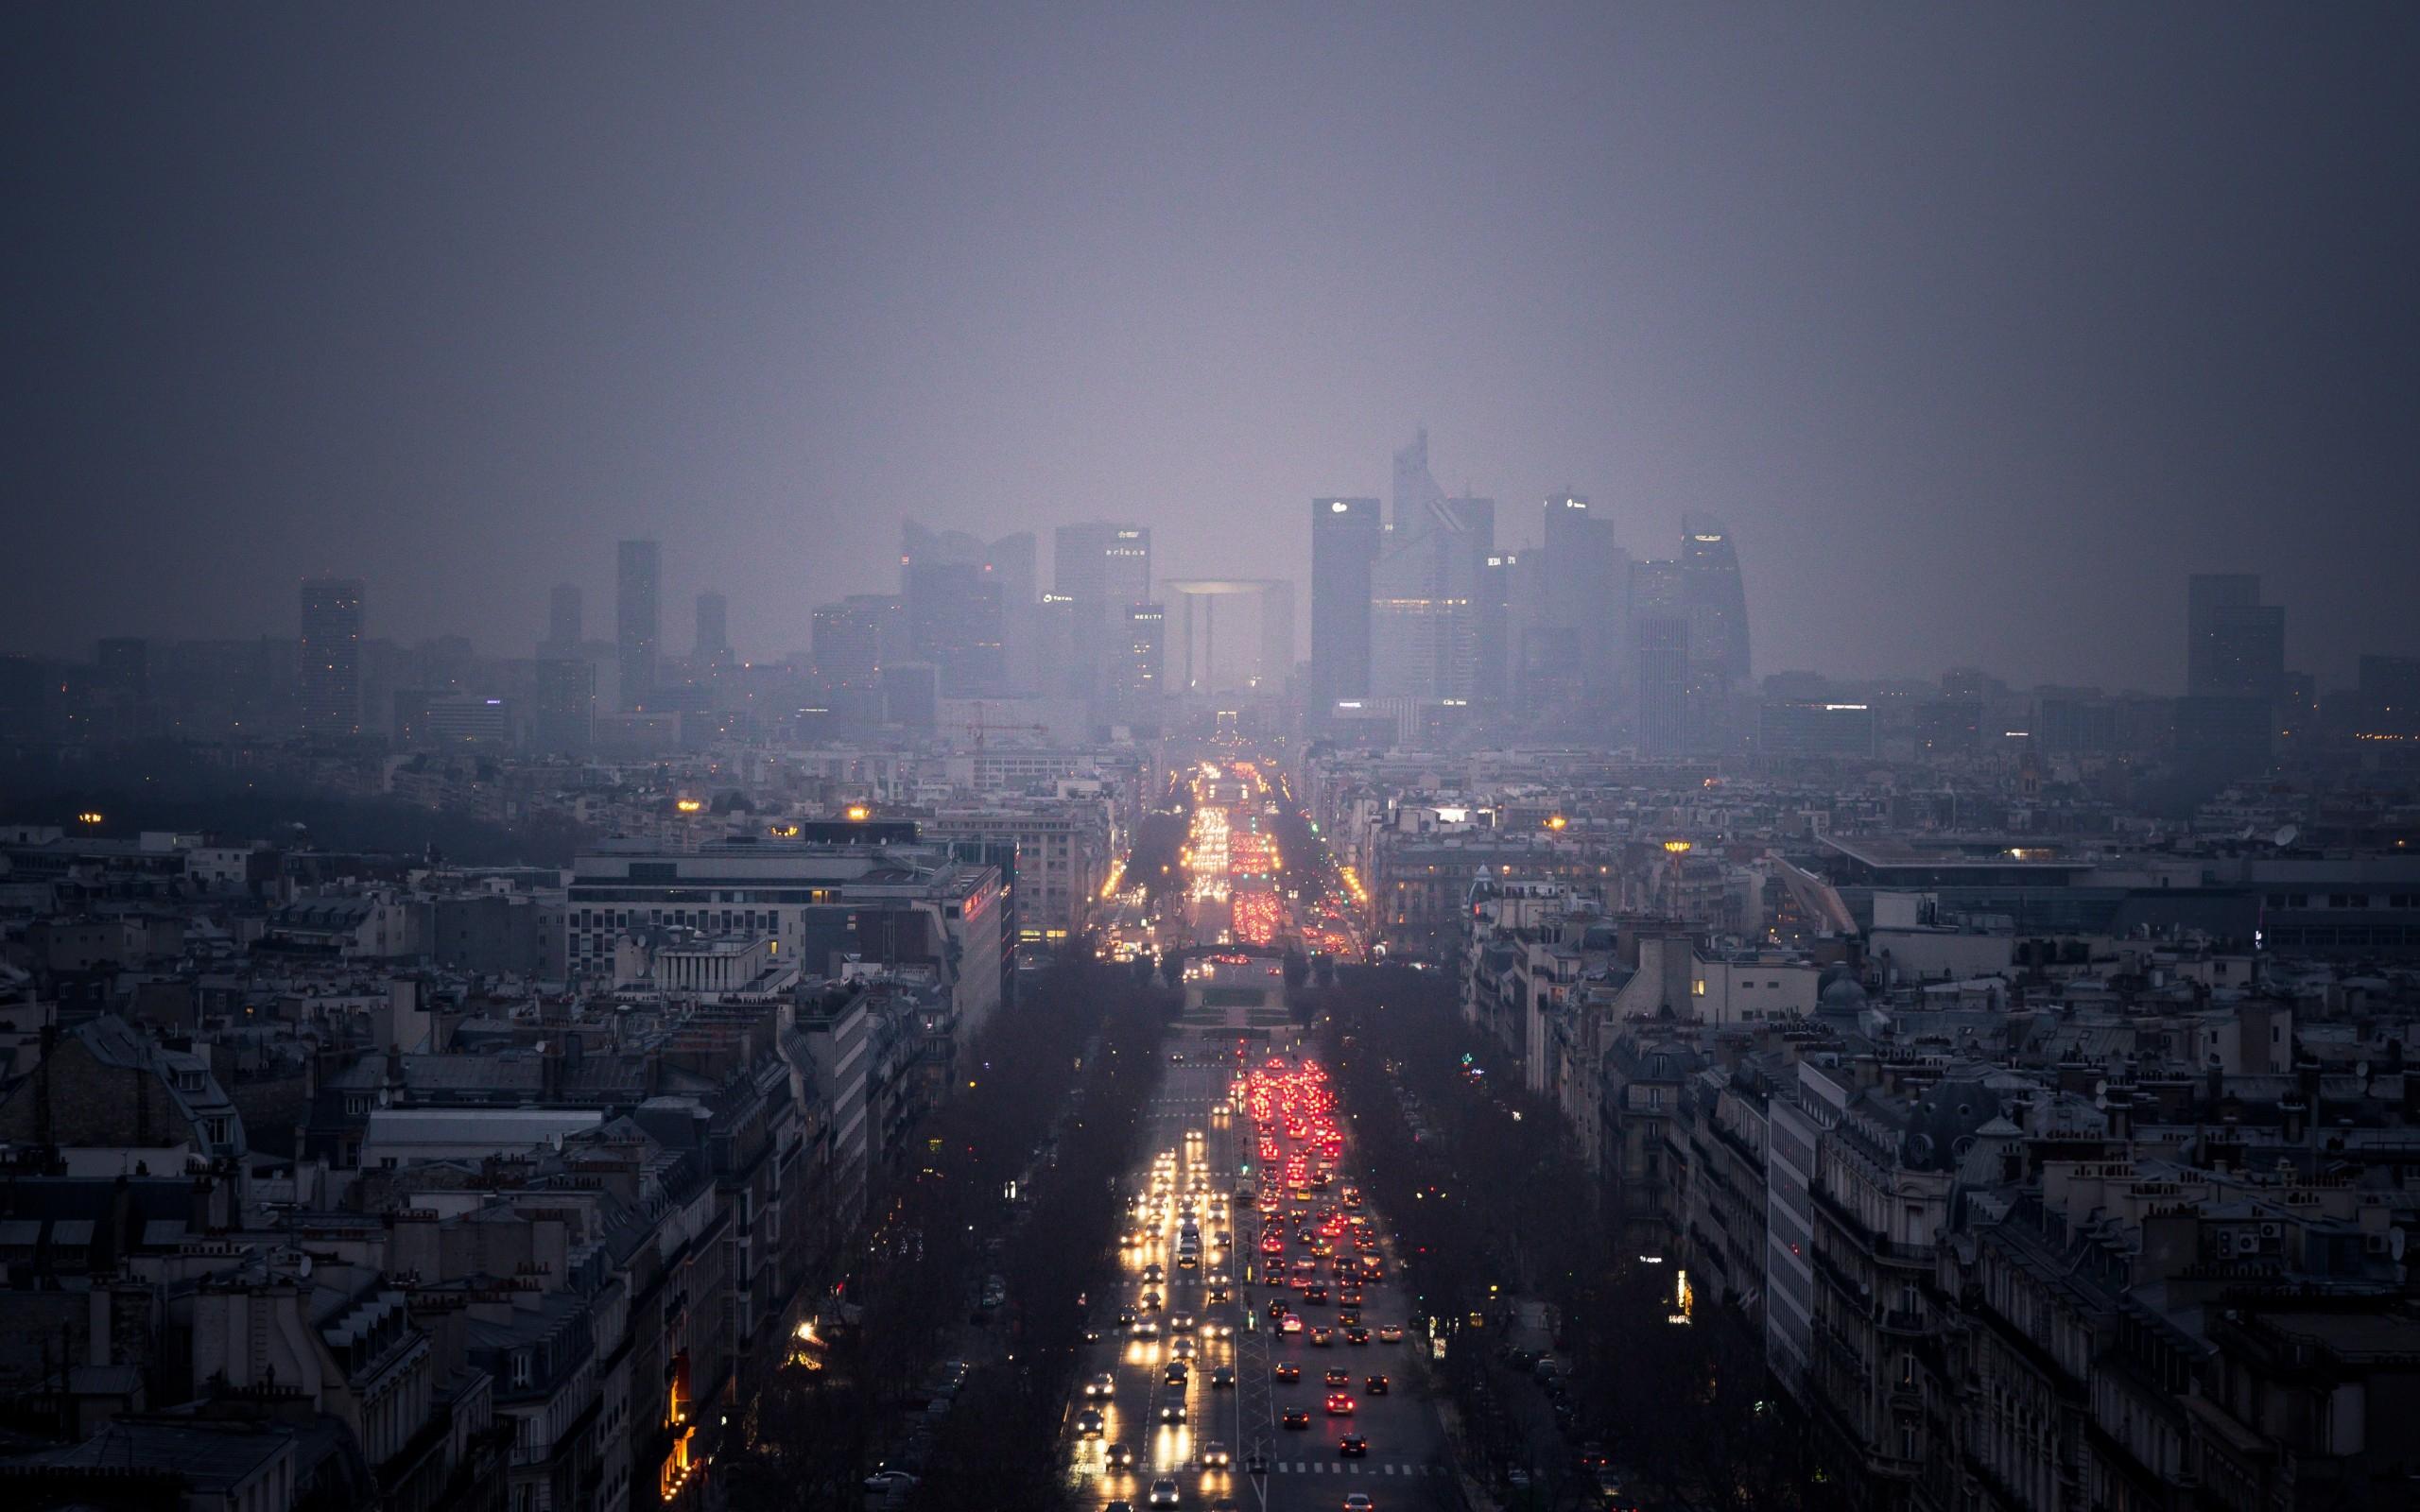 Ночью в Париже хорошо видны и смог, и многочисленные автомобили.